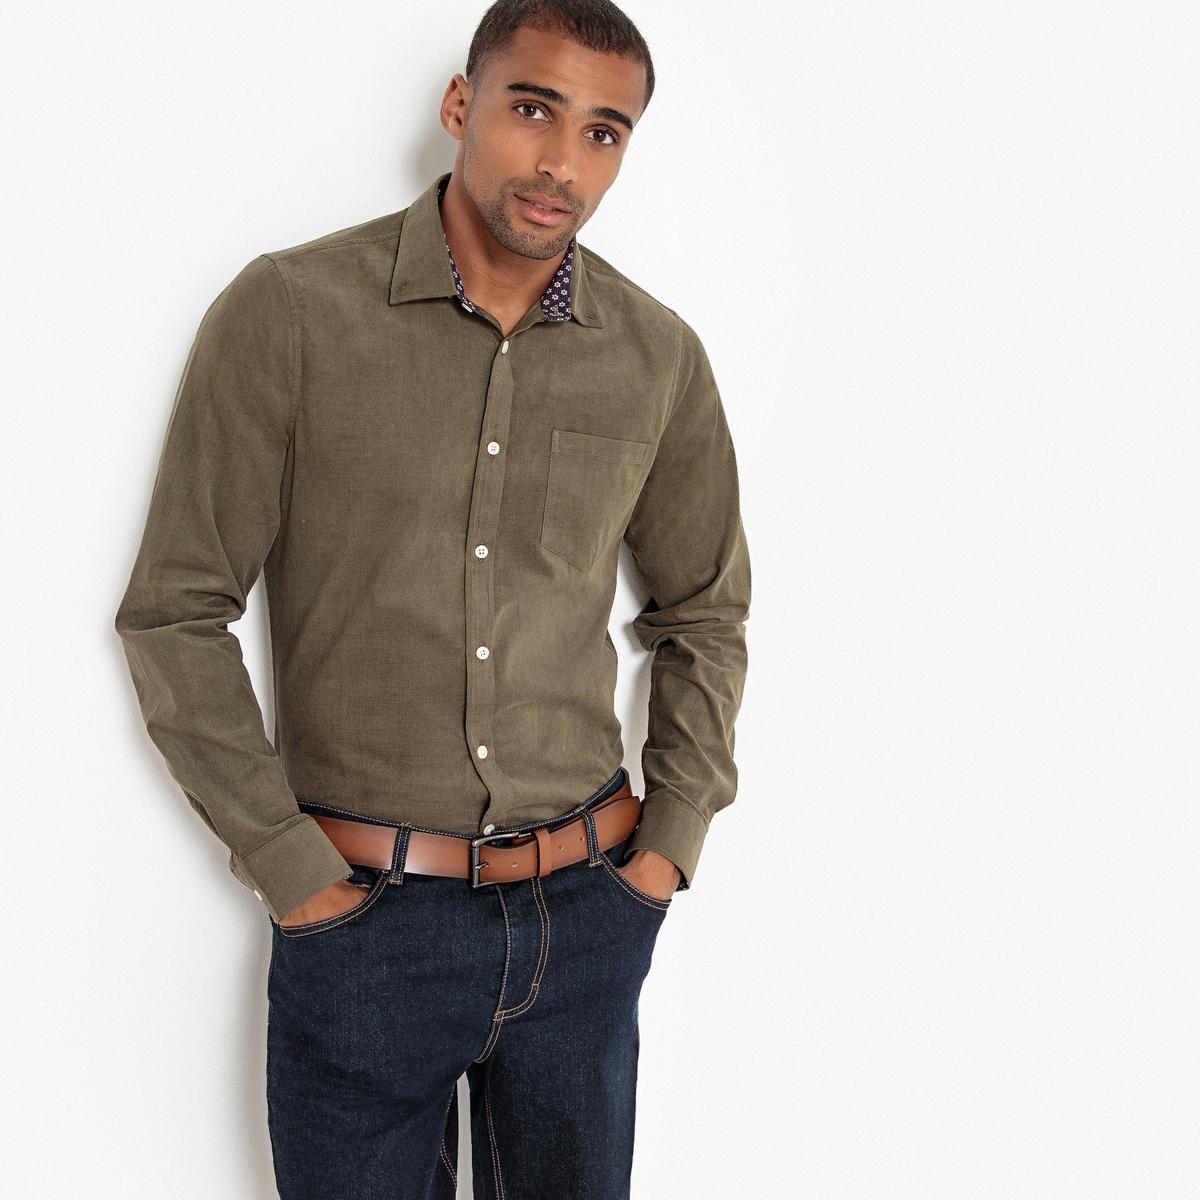 Camisa recta de terciopelo, manga larga